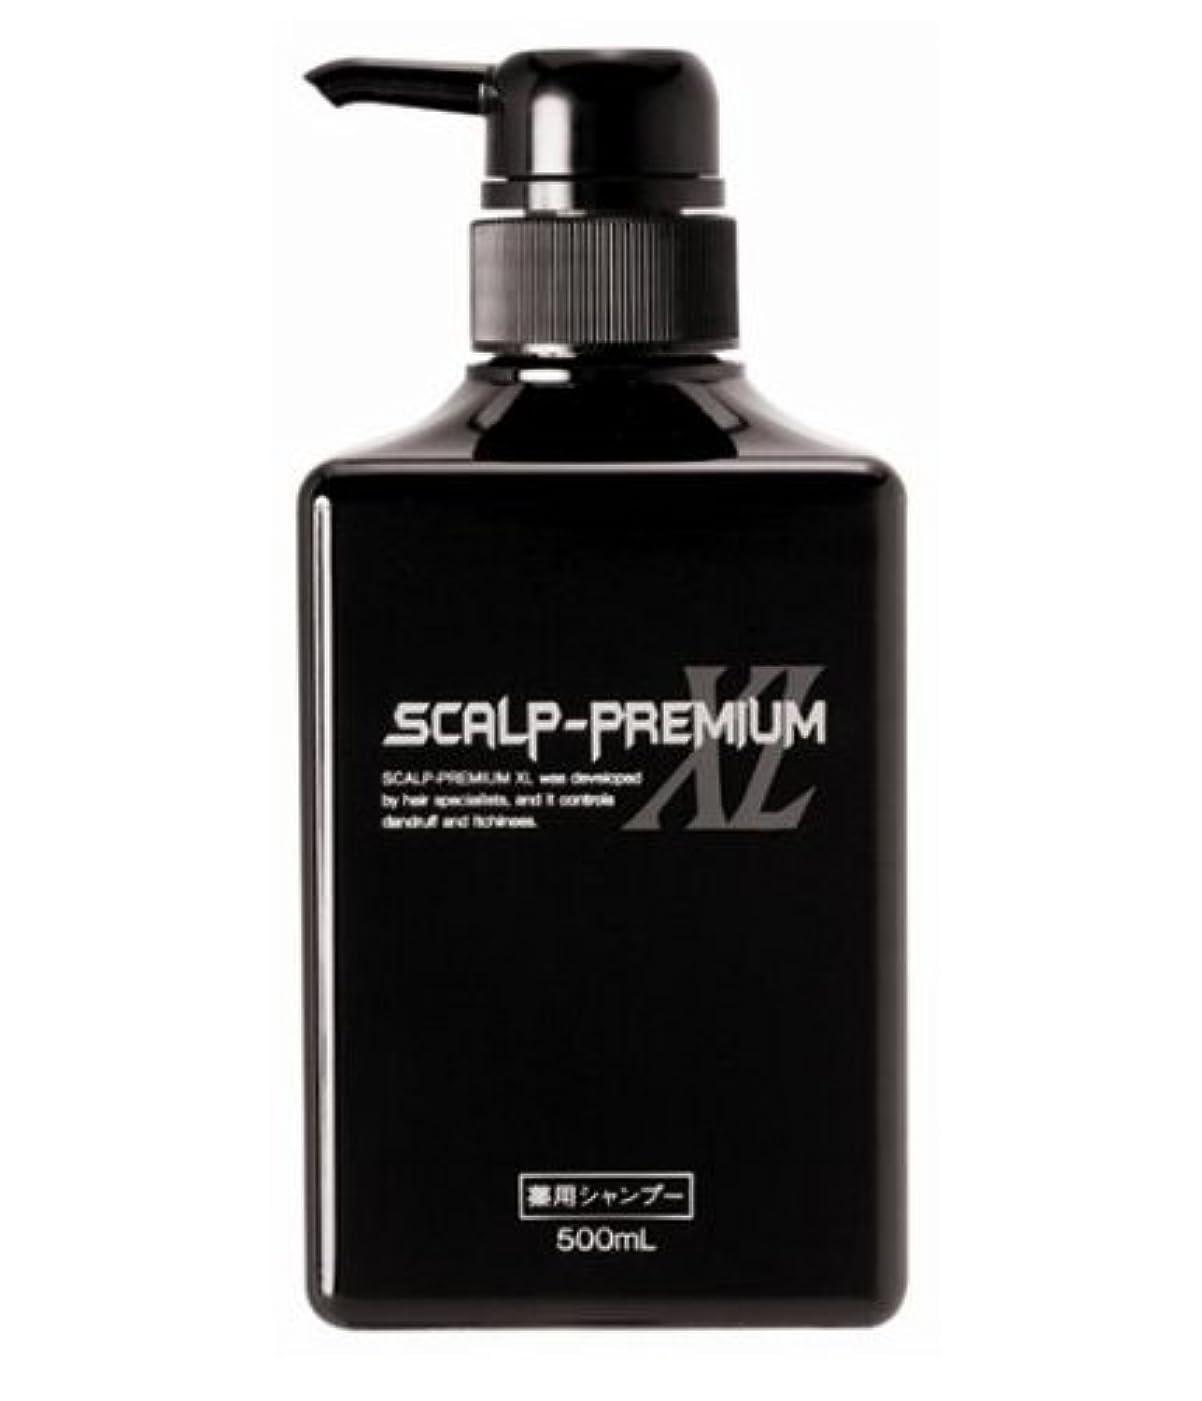 満足させる安心資料スカルプシャンプー プレミアムXL 500ml